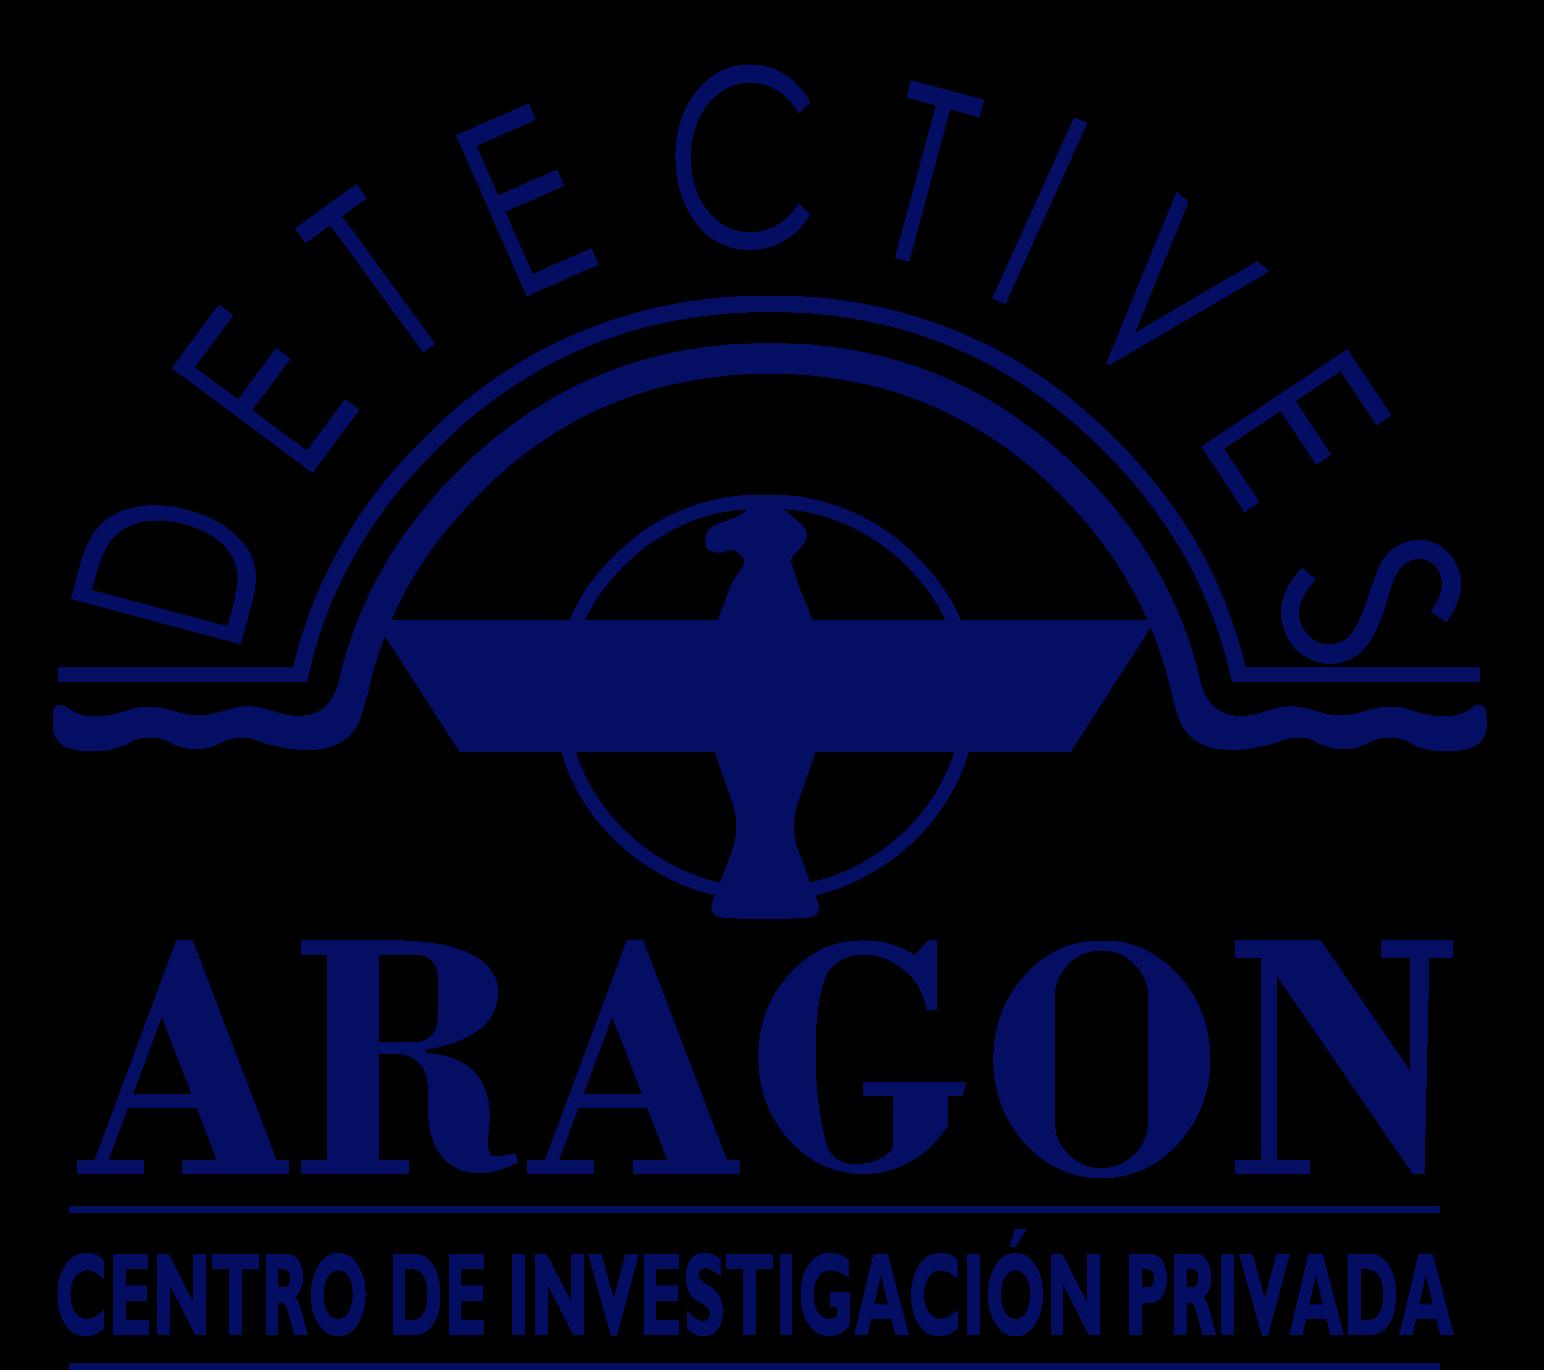 Detectives Aragón